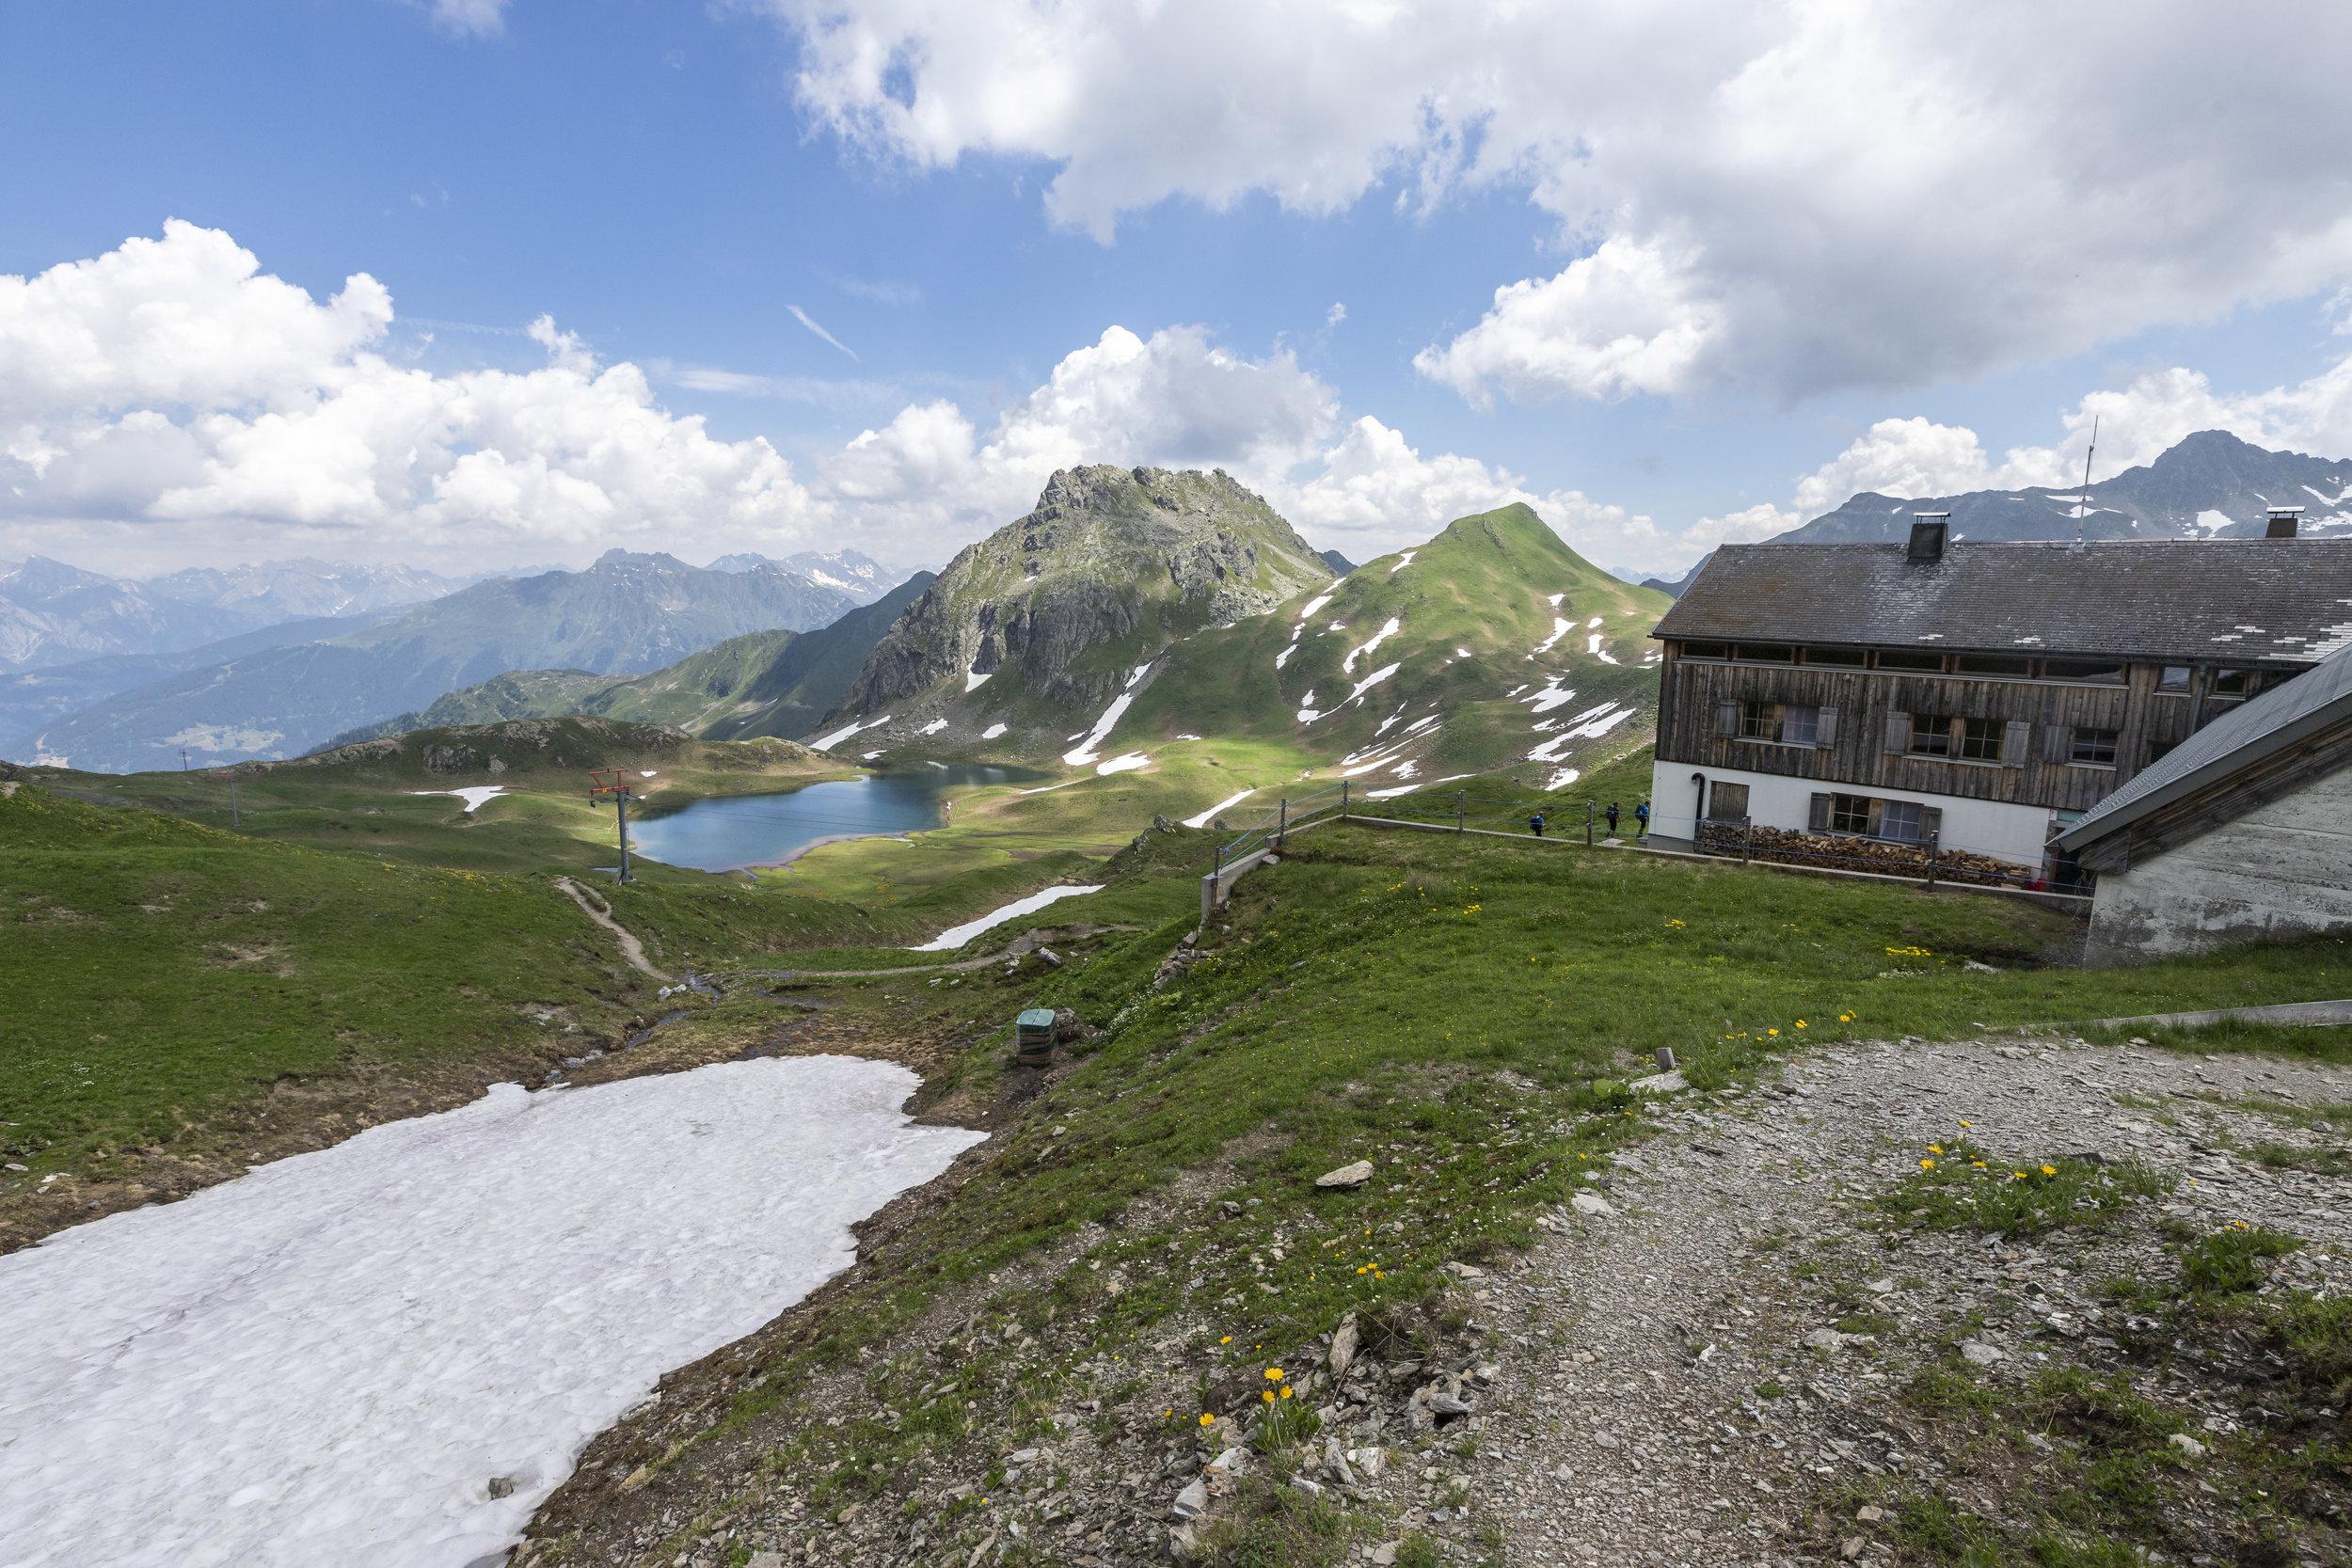 Apartment GreberHof, Andelsbuch, Austria - comunidadelectronica.com